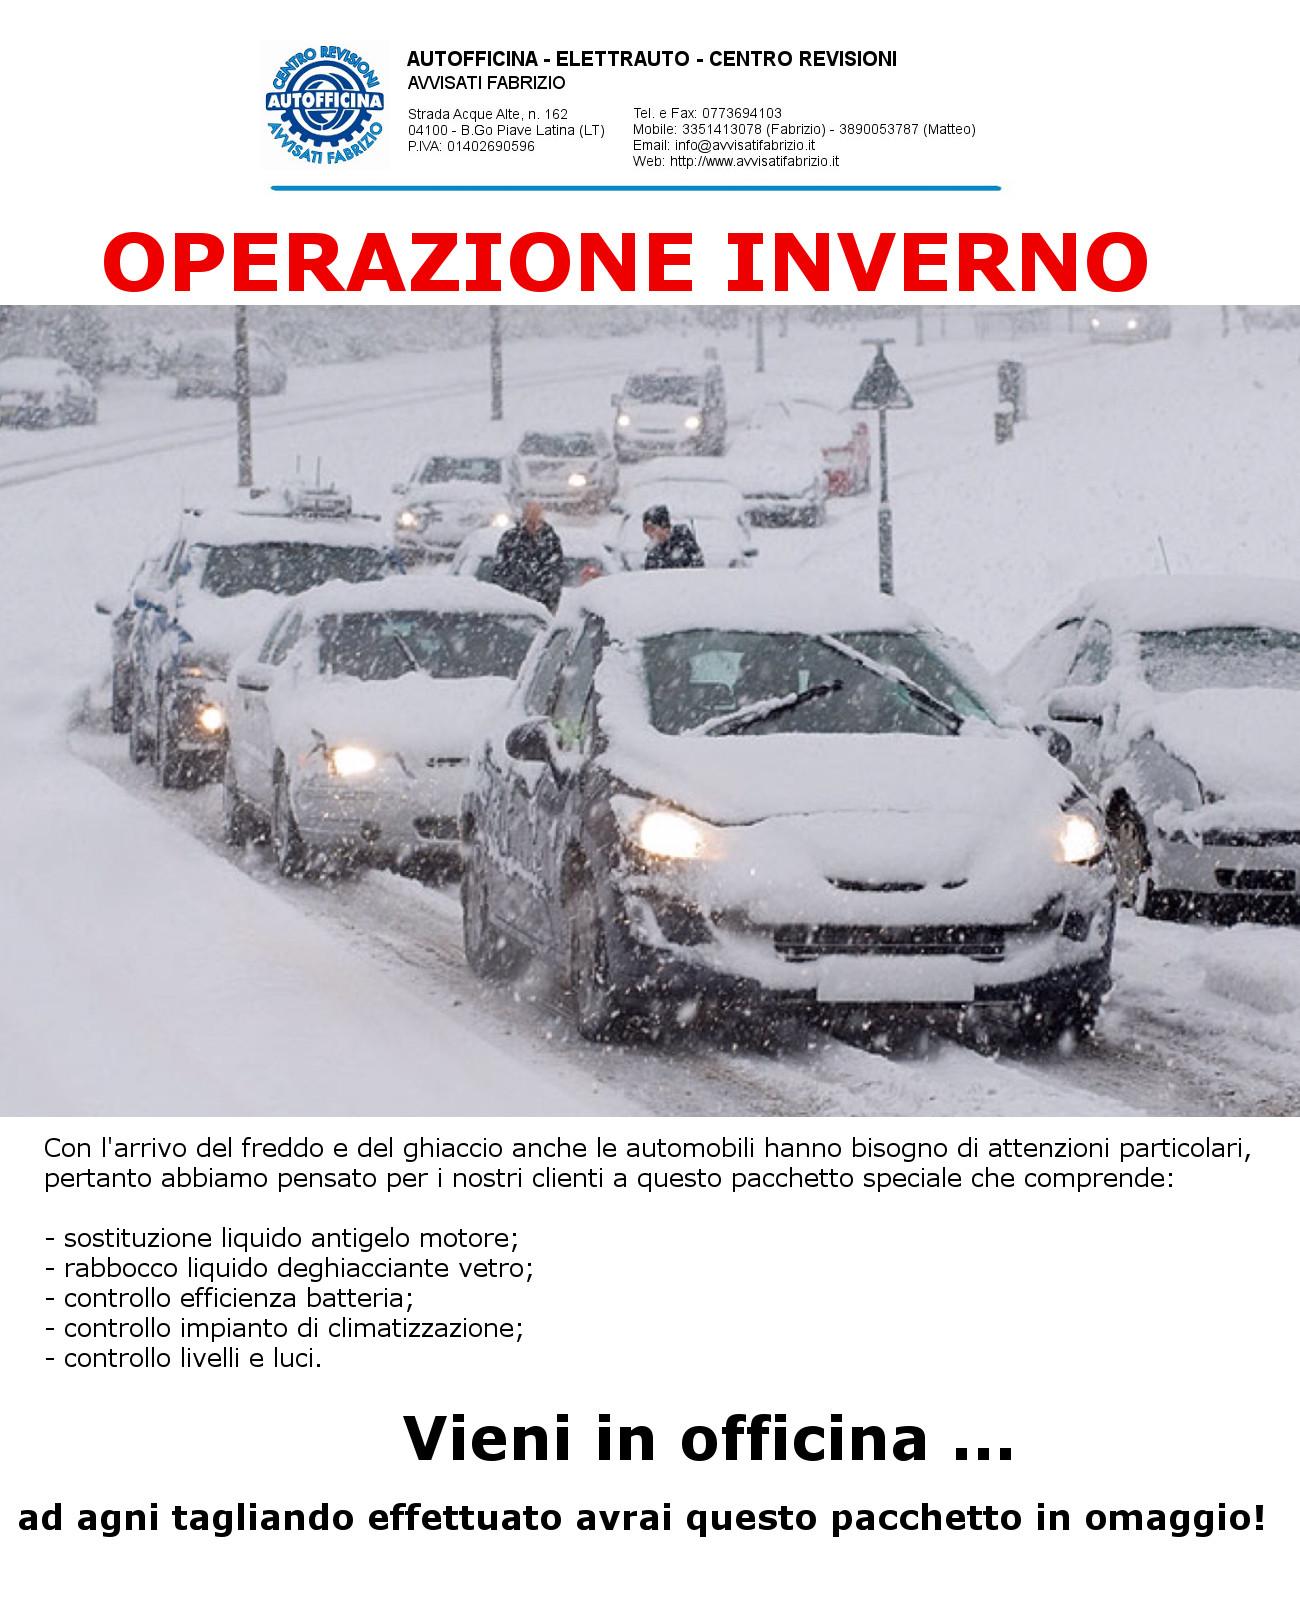 promo_operazione_inverno